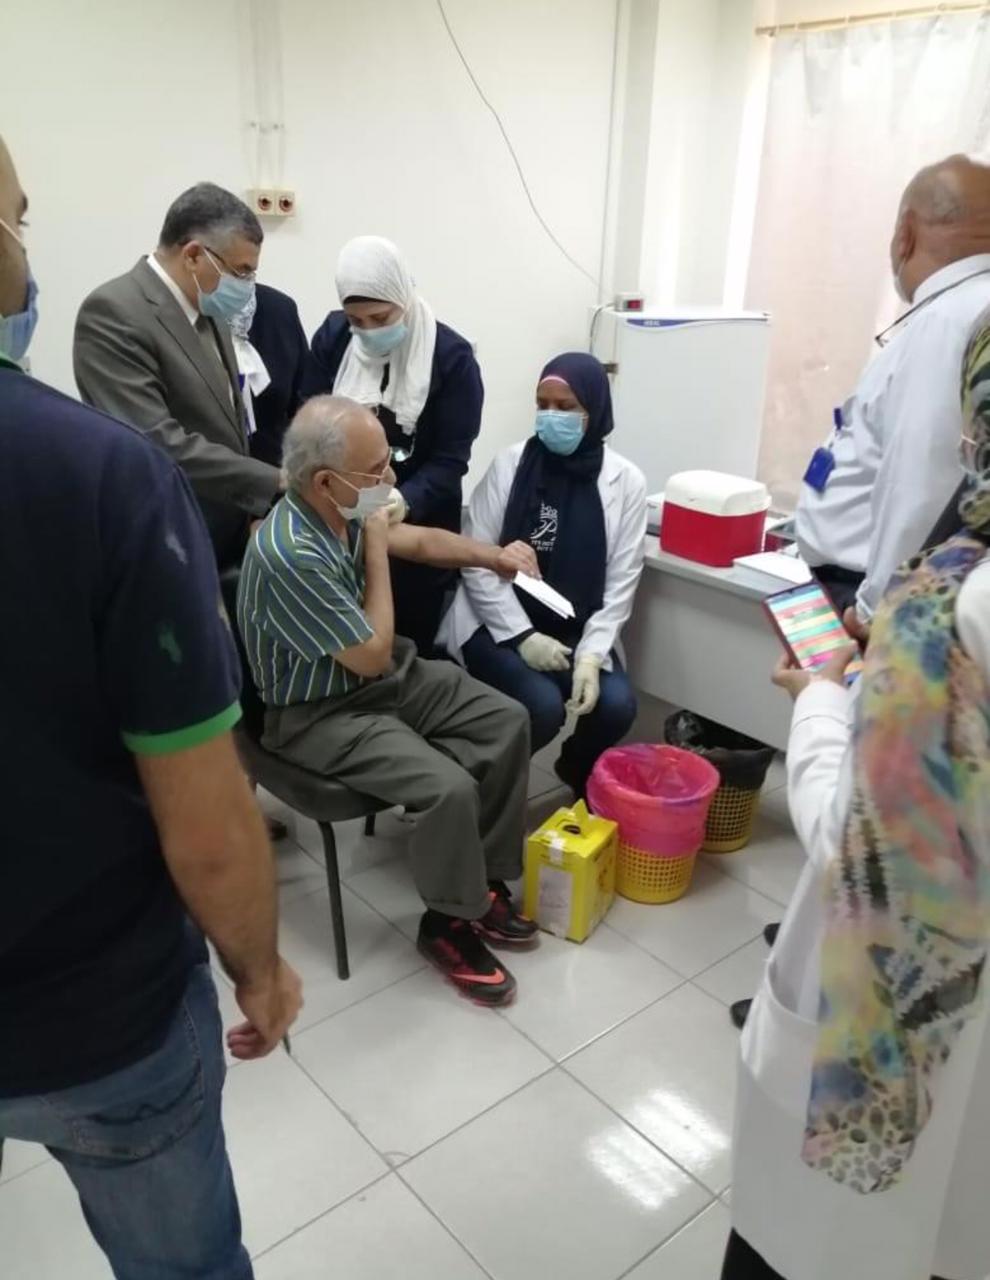 تطعيم العاملين بجامعة 6 أكتوبر باللقاح للوقاية من فيروس كورونا